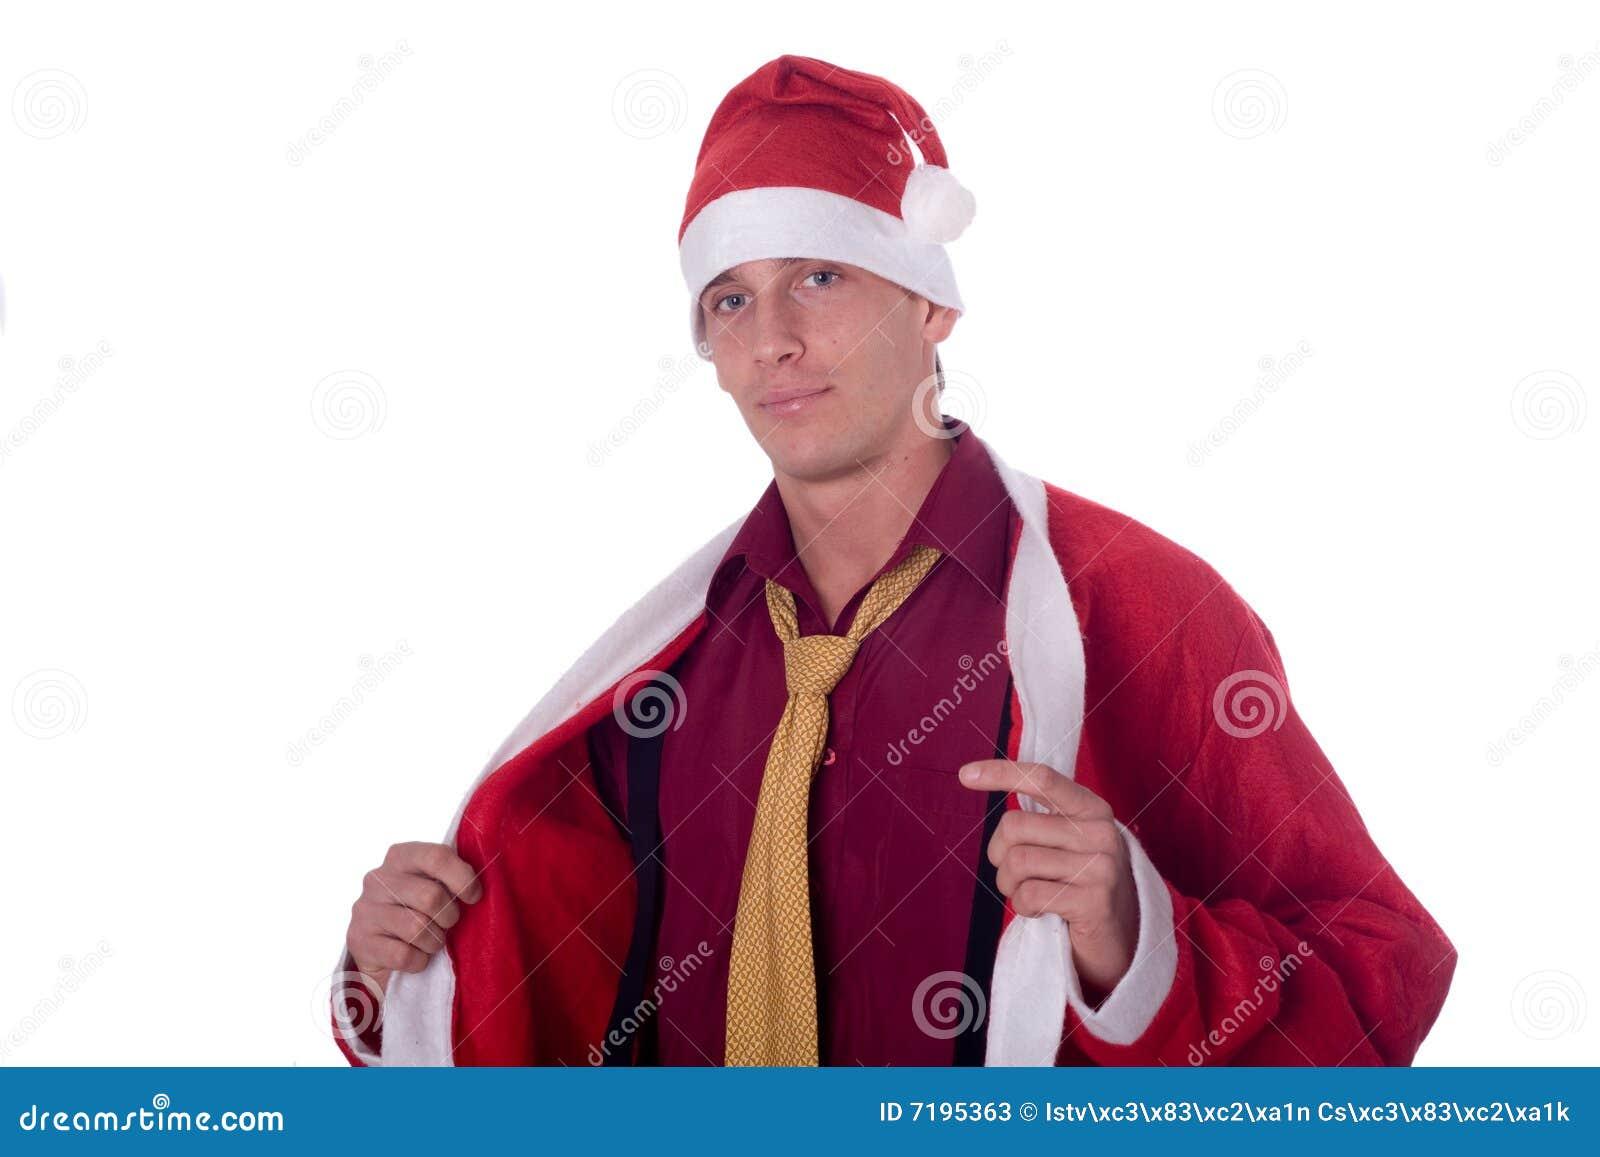 Claus santa young